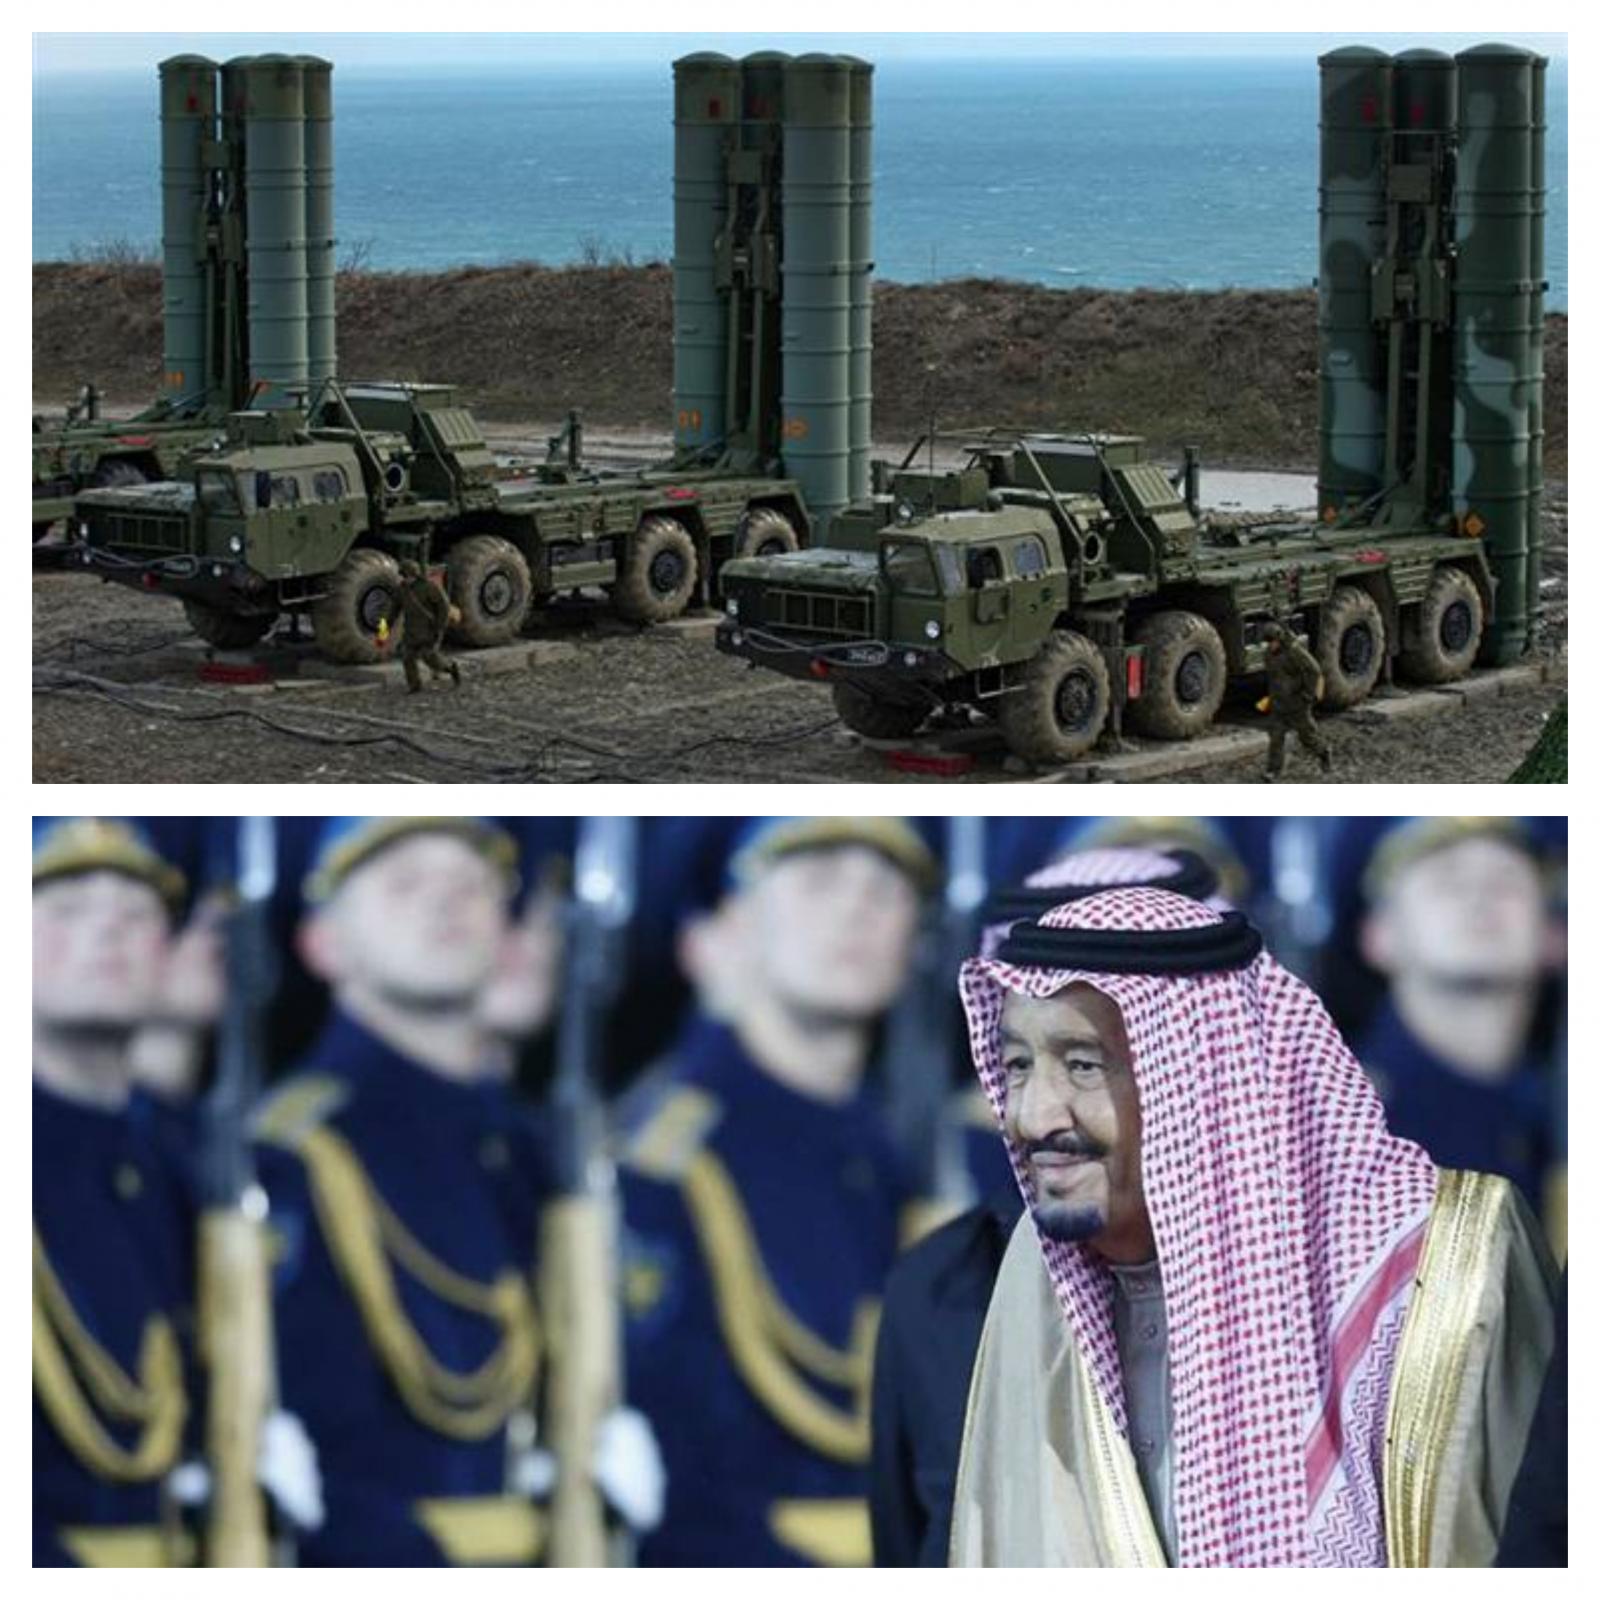 Savdski kralj in rakete S-400